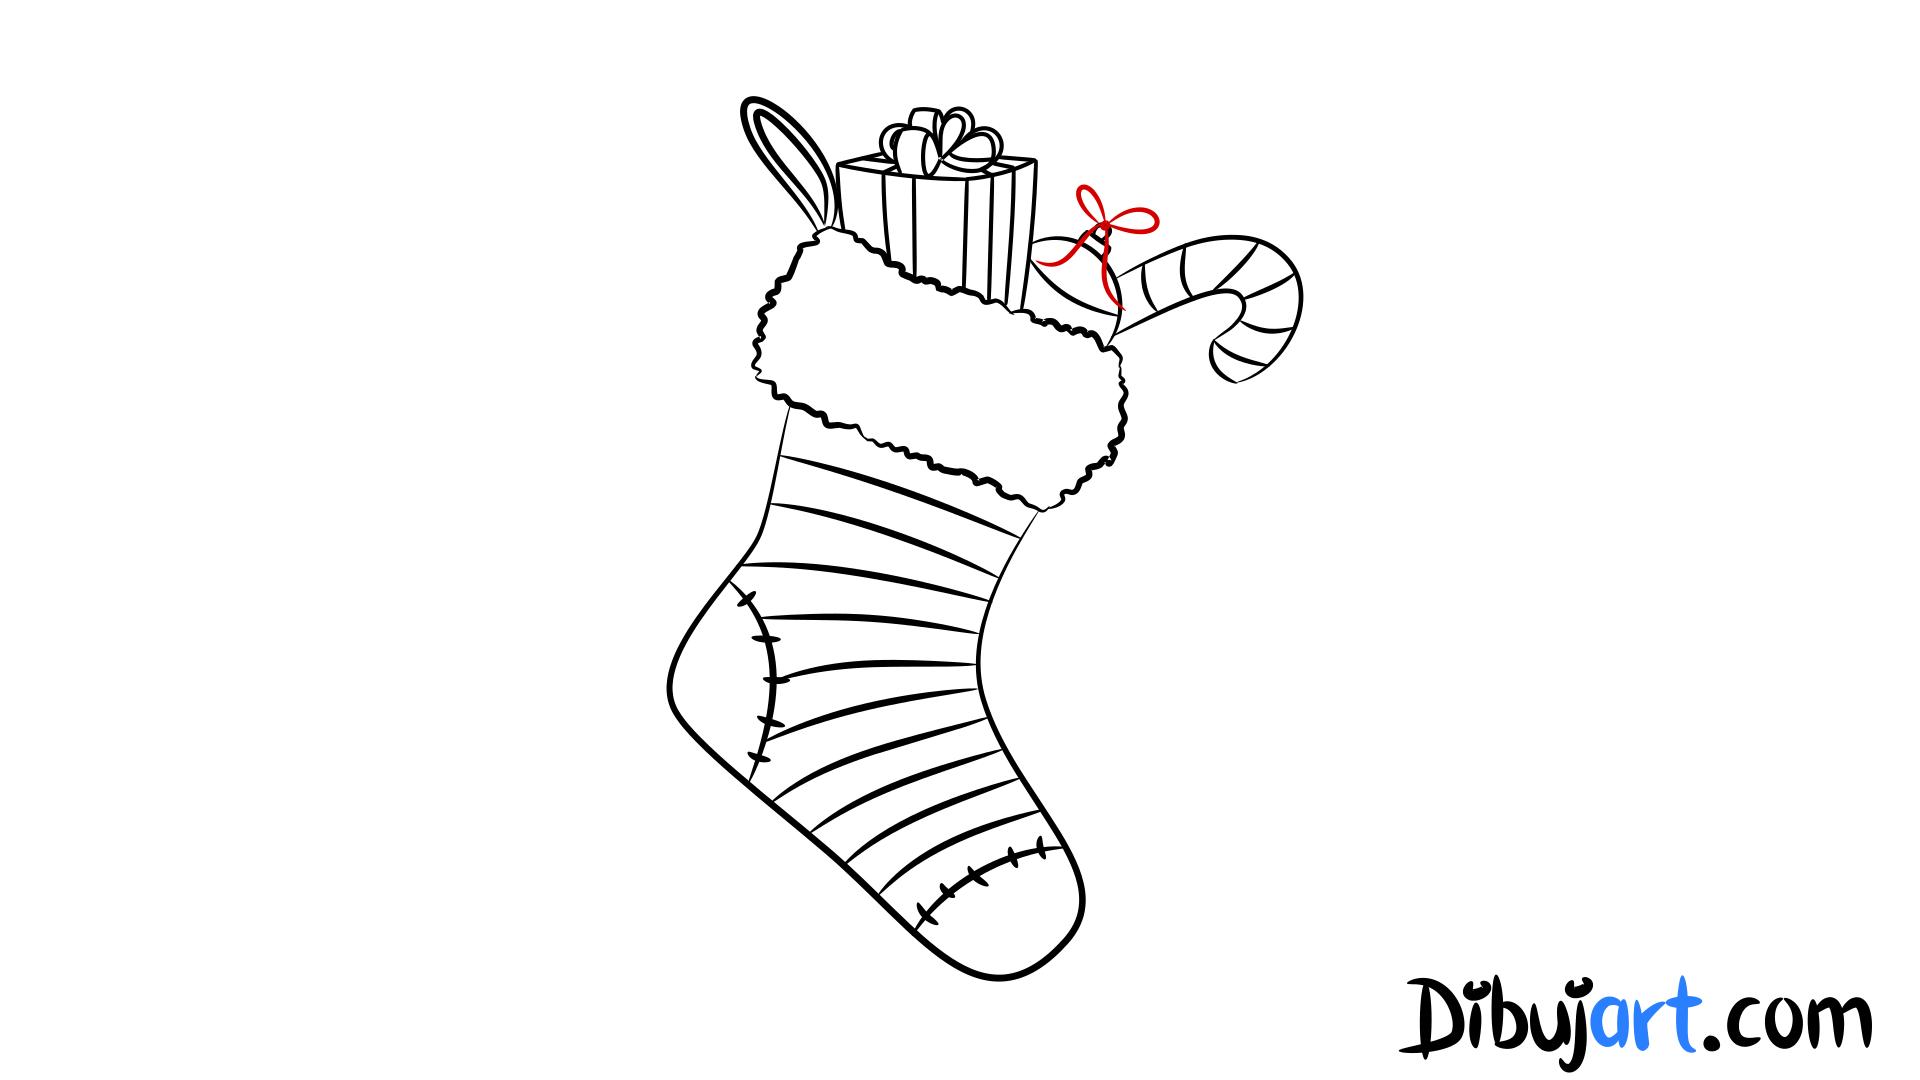 Cómo Dibujar Unas Botas De Navidad Paso A Paso Dibujartcom